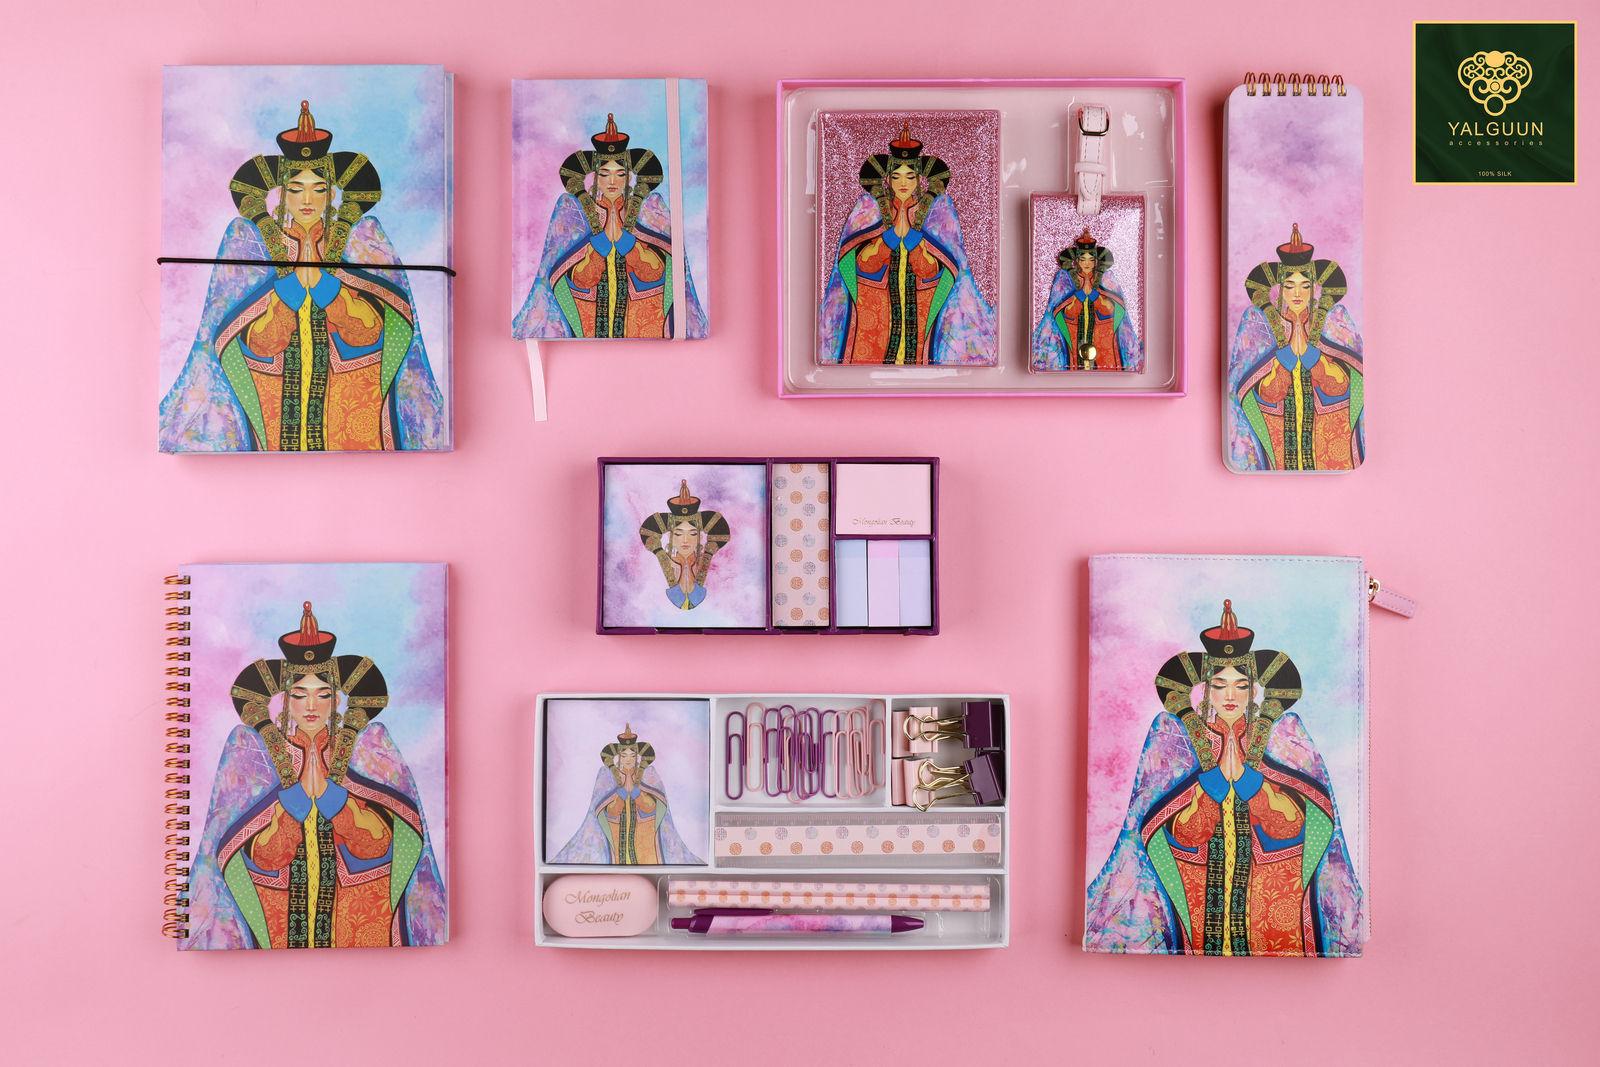 Торгон алчуурны брэнд үзэсгэлэнт хатдын зурагтай тэмдэглэлийн дэвтэрний цуглуулга танилцууллаа